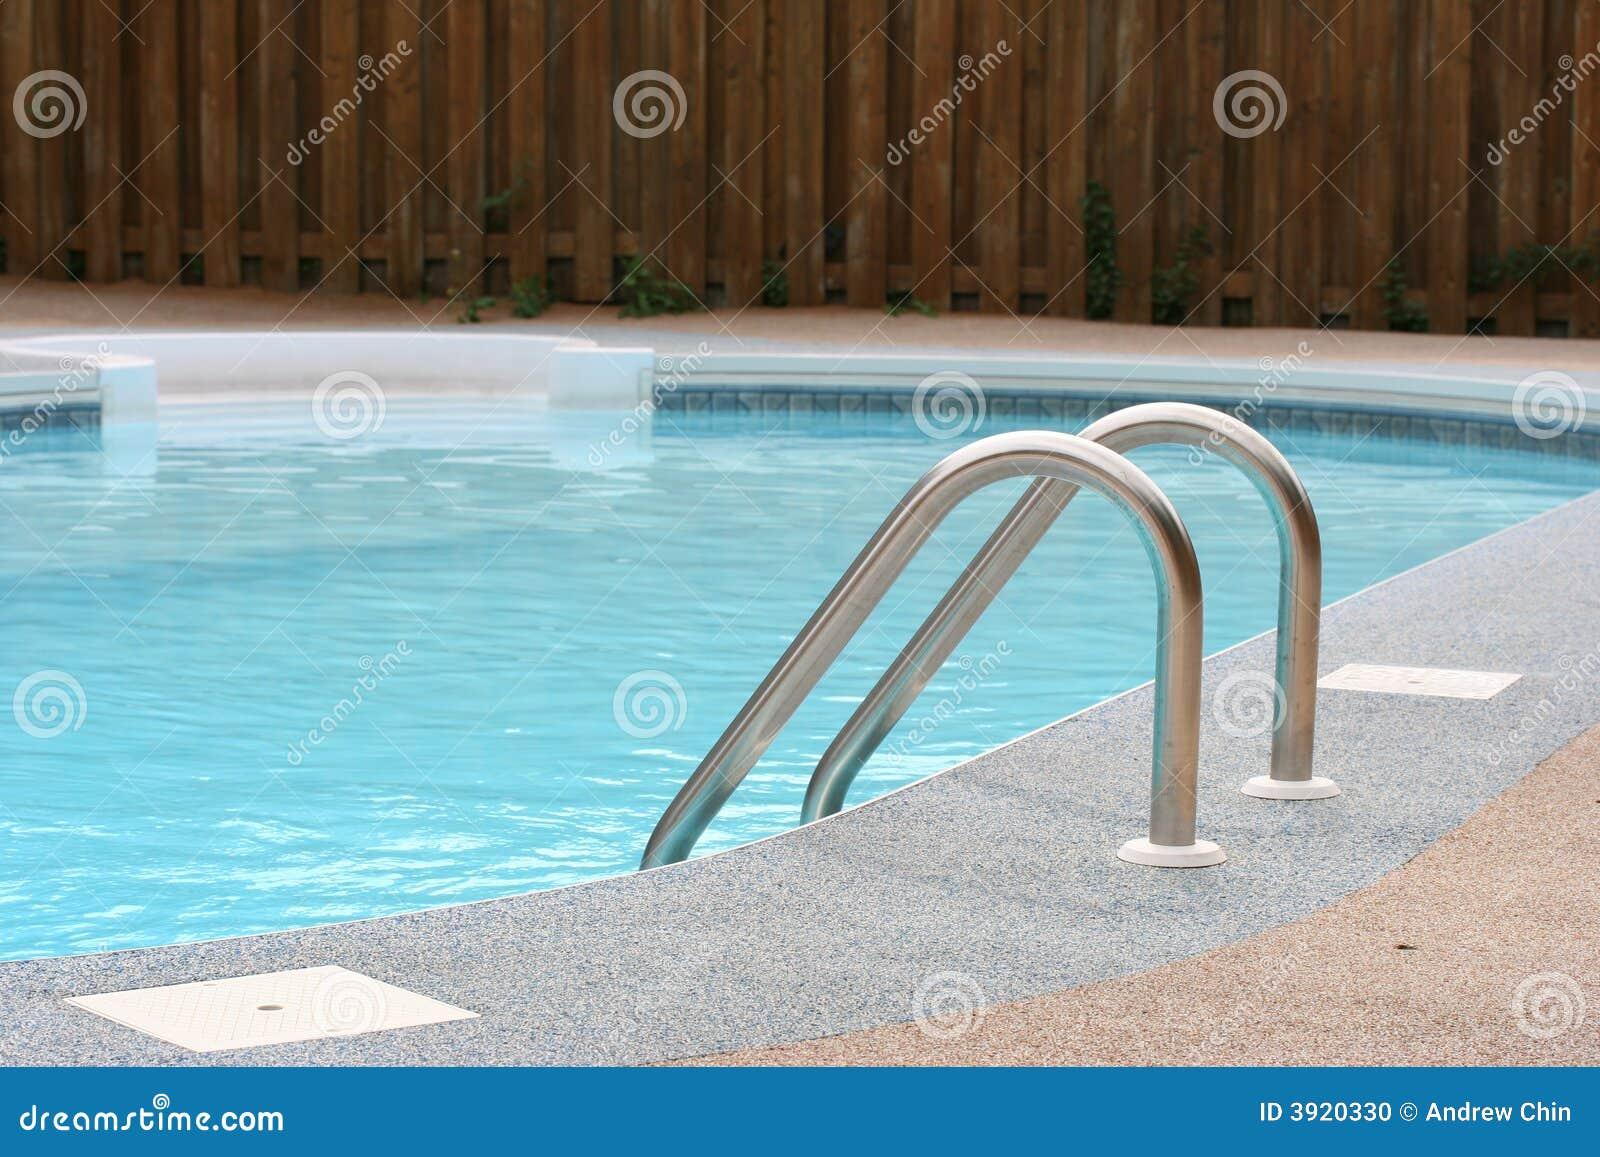 Hinterhof Pool Stockfoto Bild Von Sport Sicherheit